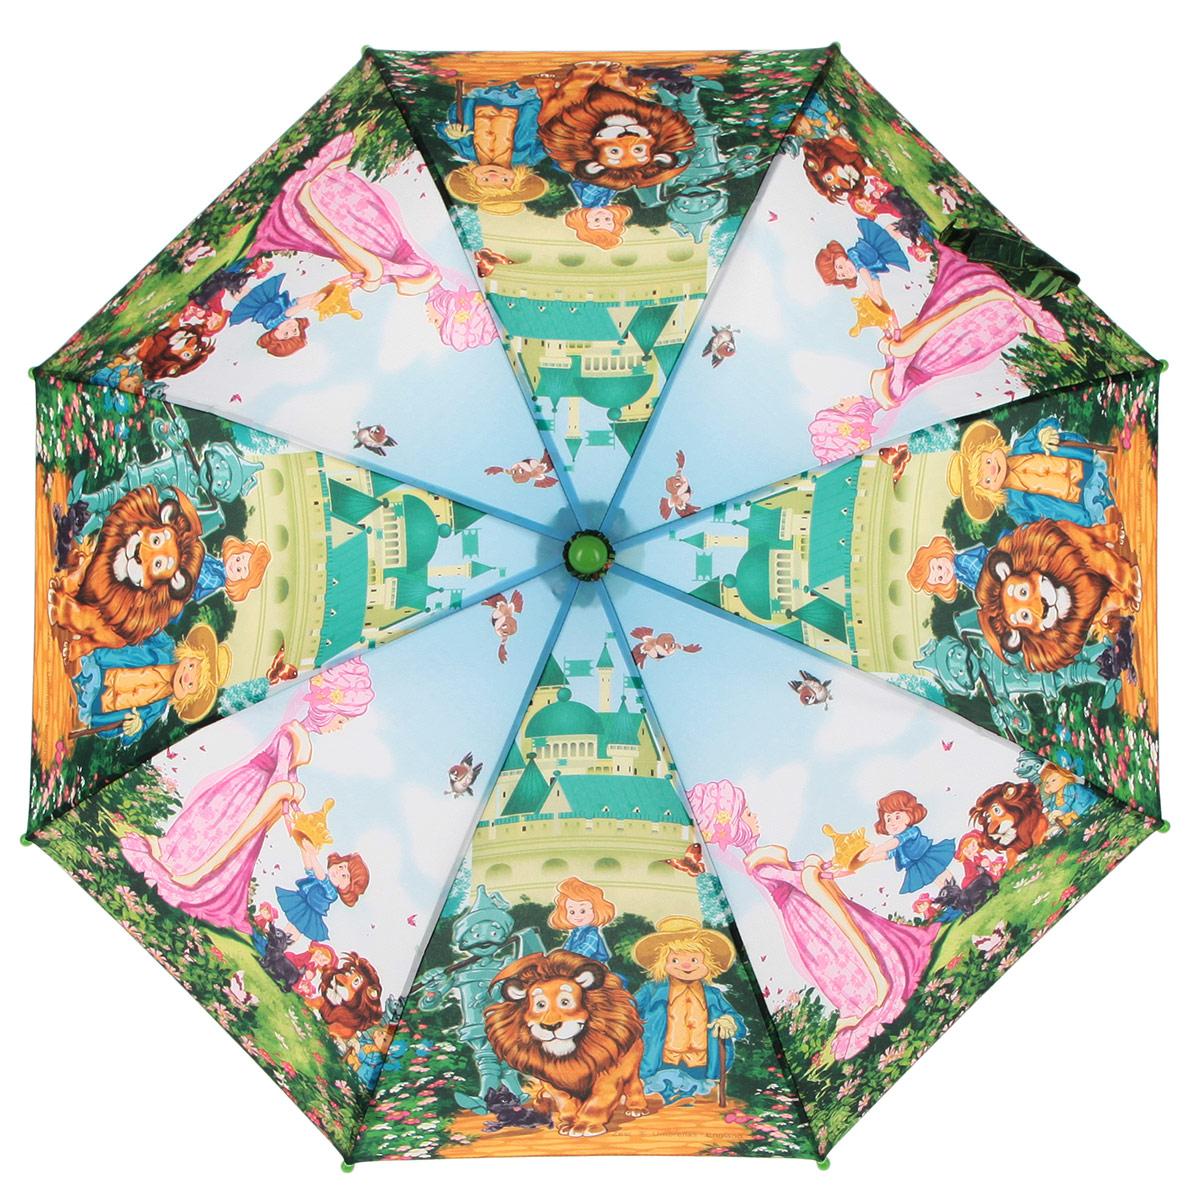 Зонт-трость детский Zest, цвет: голубой, зеленый, мультицвет. 21565-03 zest зонт для раскрашивания детский